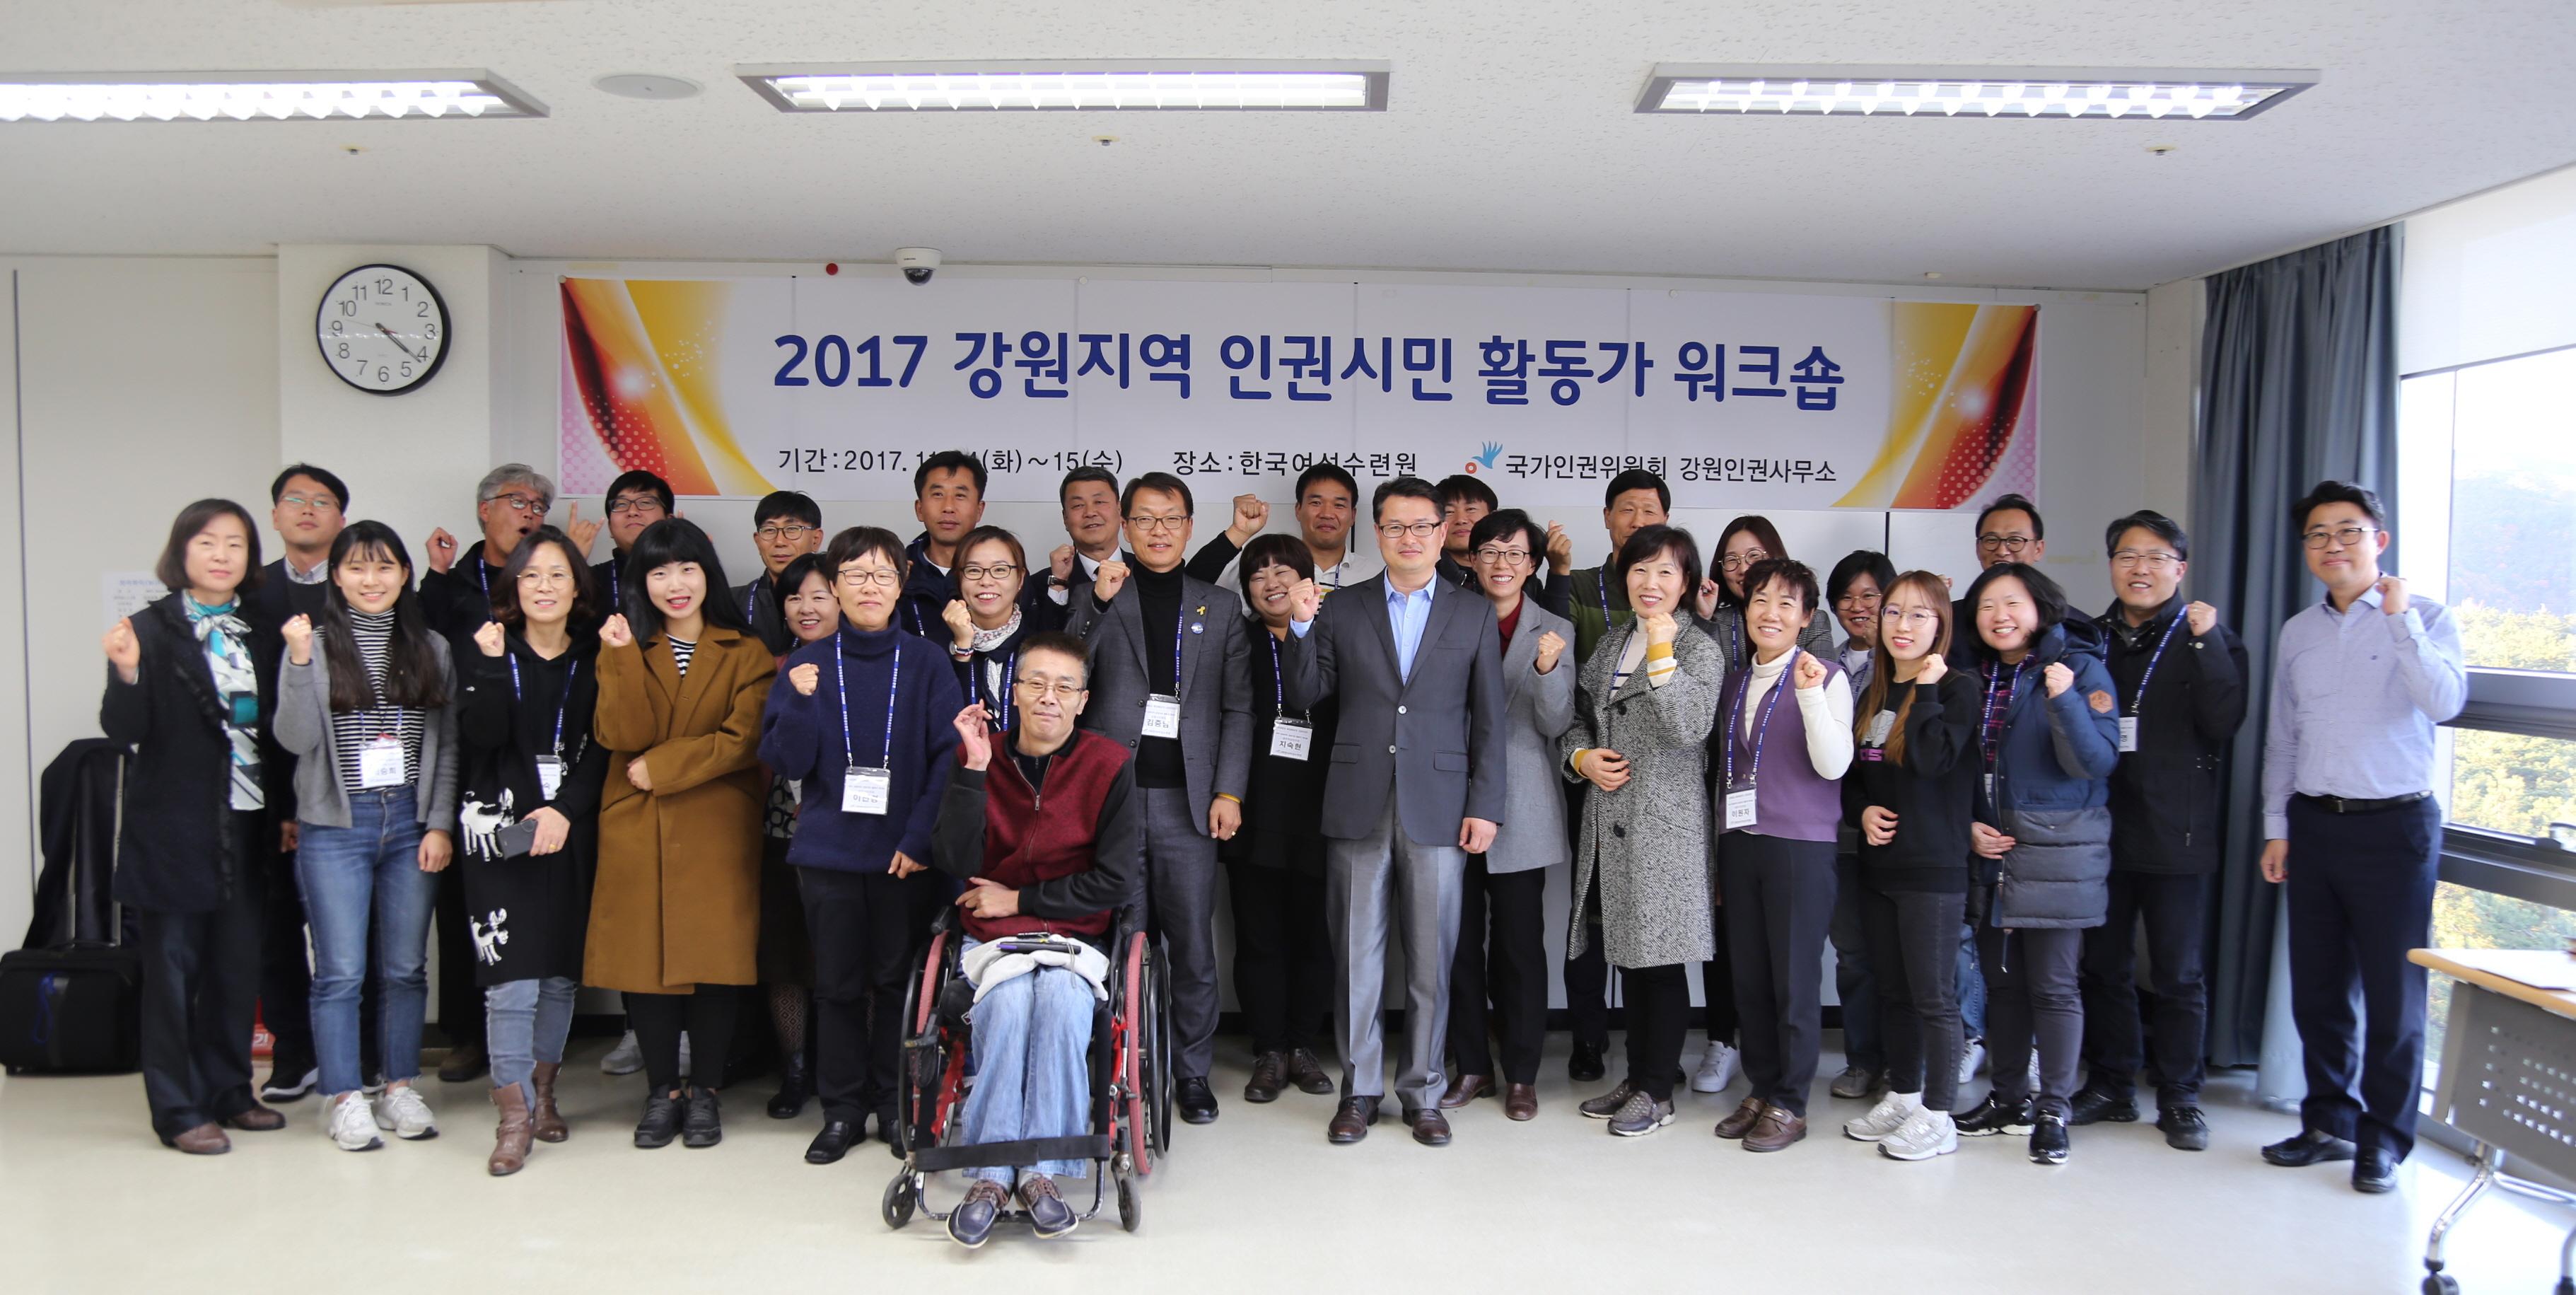 2017년 강원지역 인권시민 활동가 워크숍